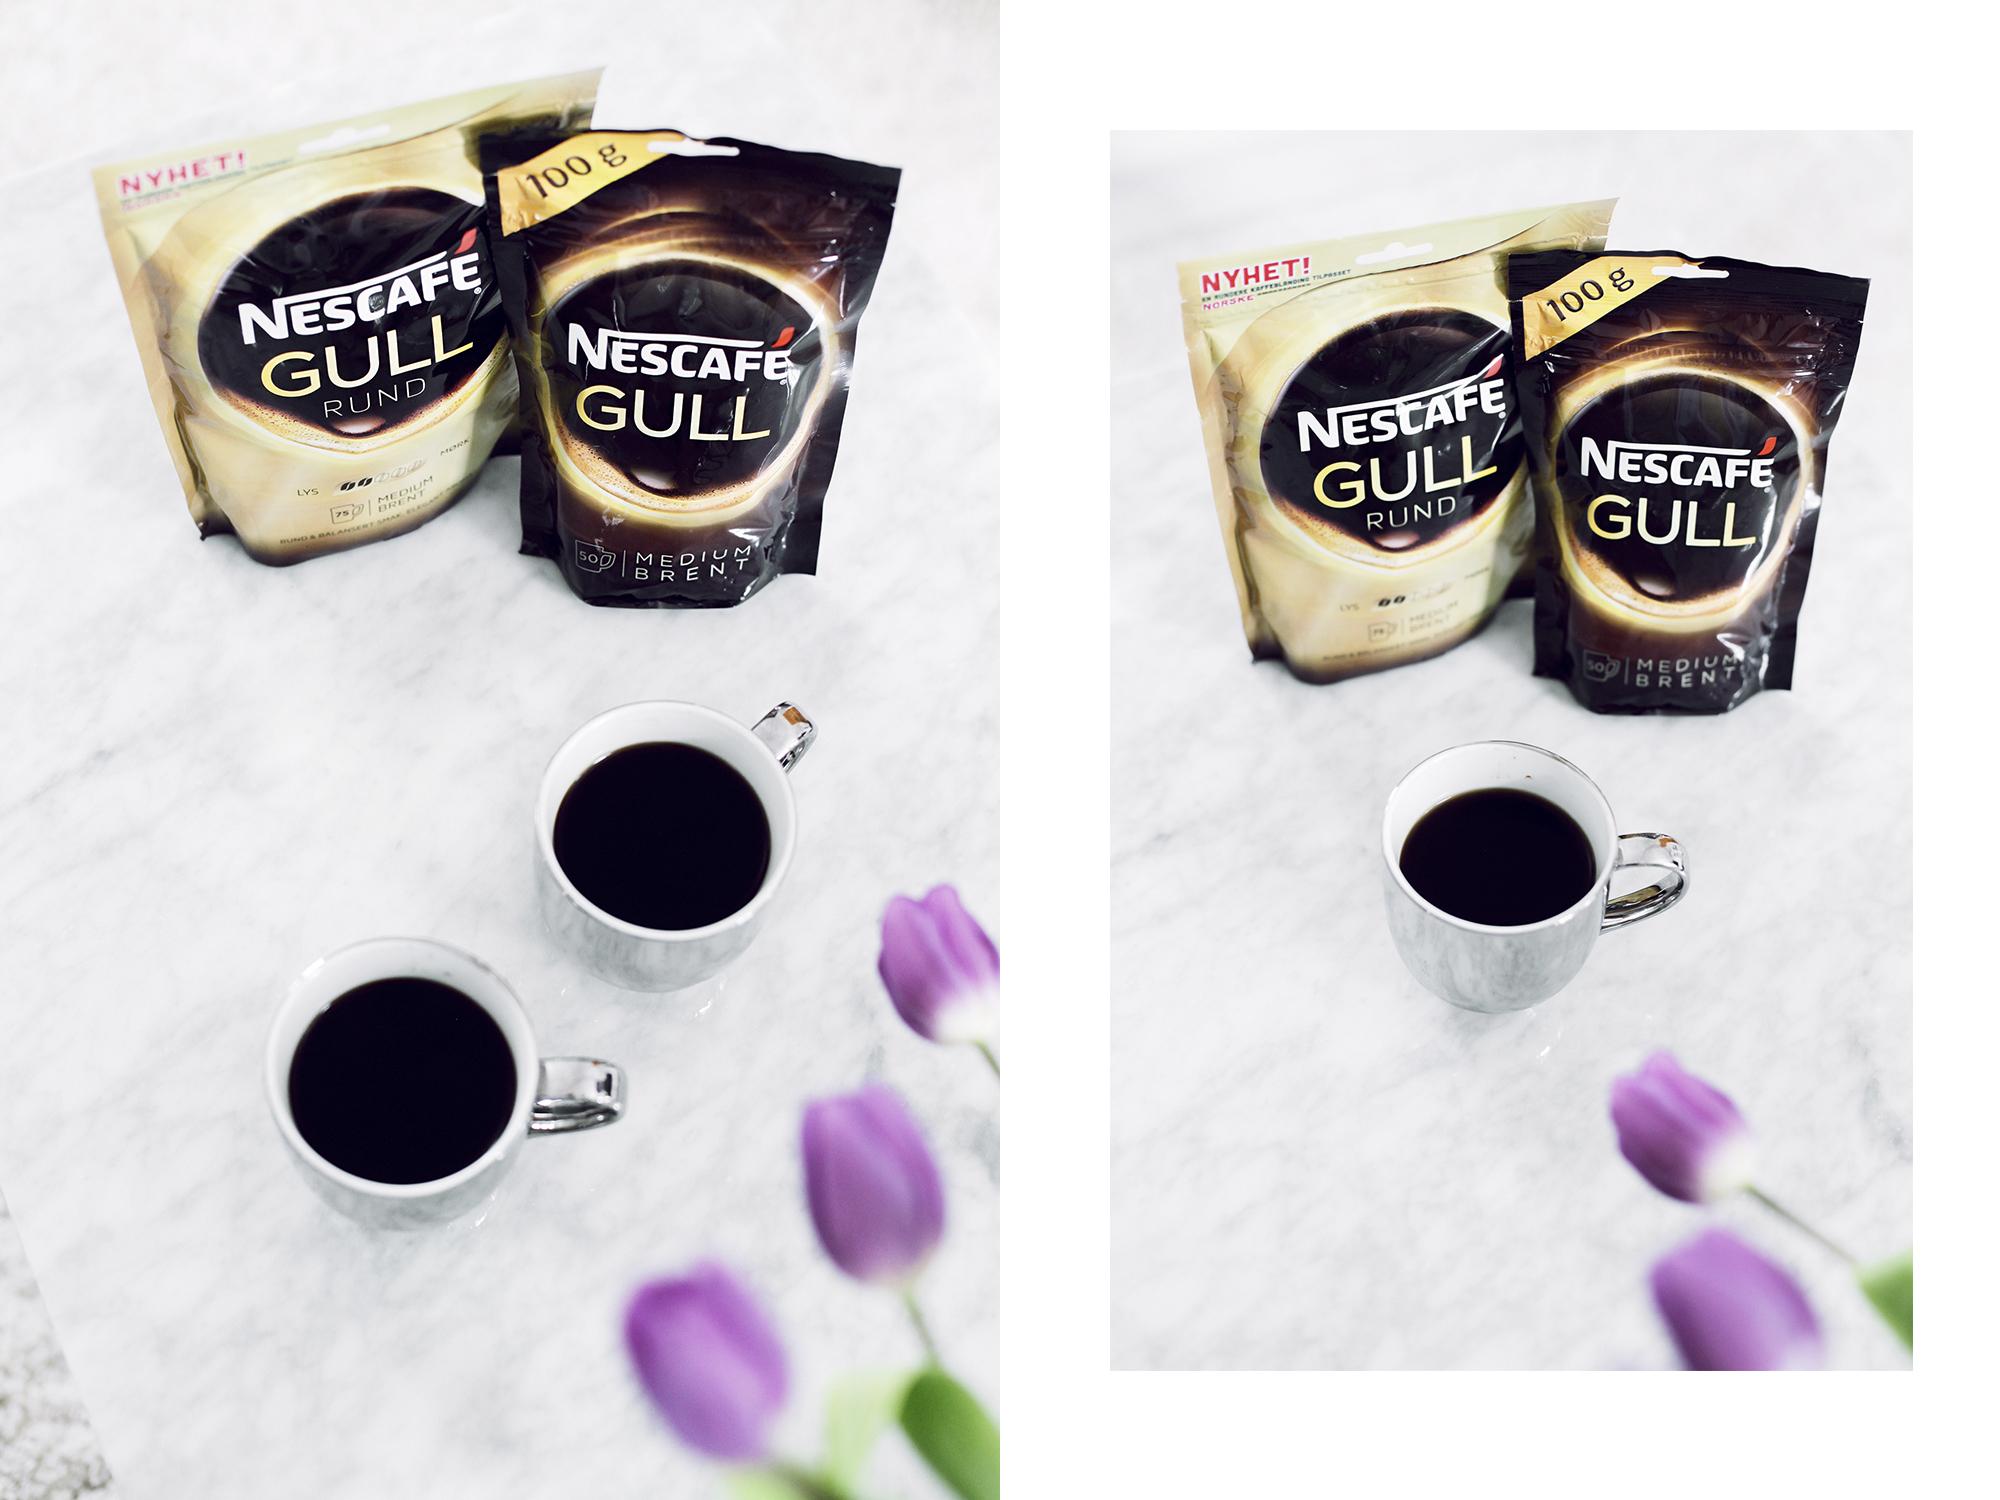 Nescafe gull rund